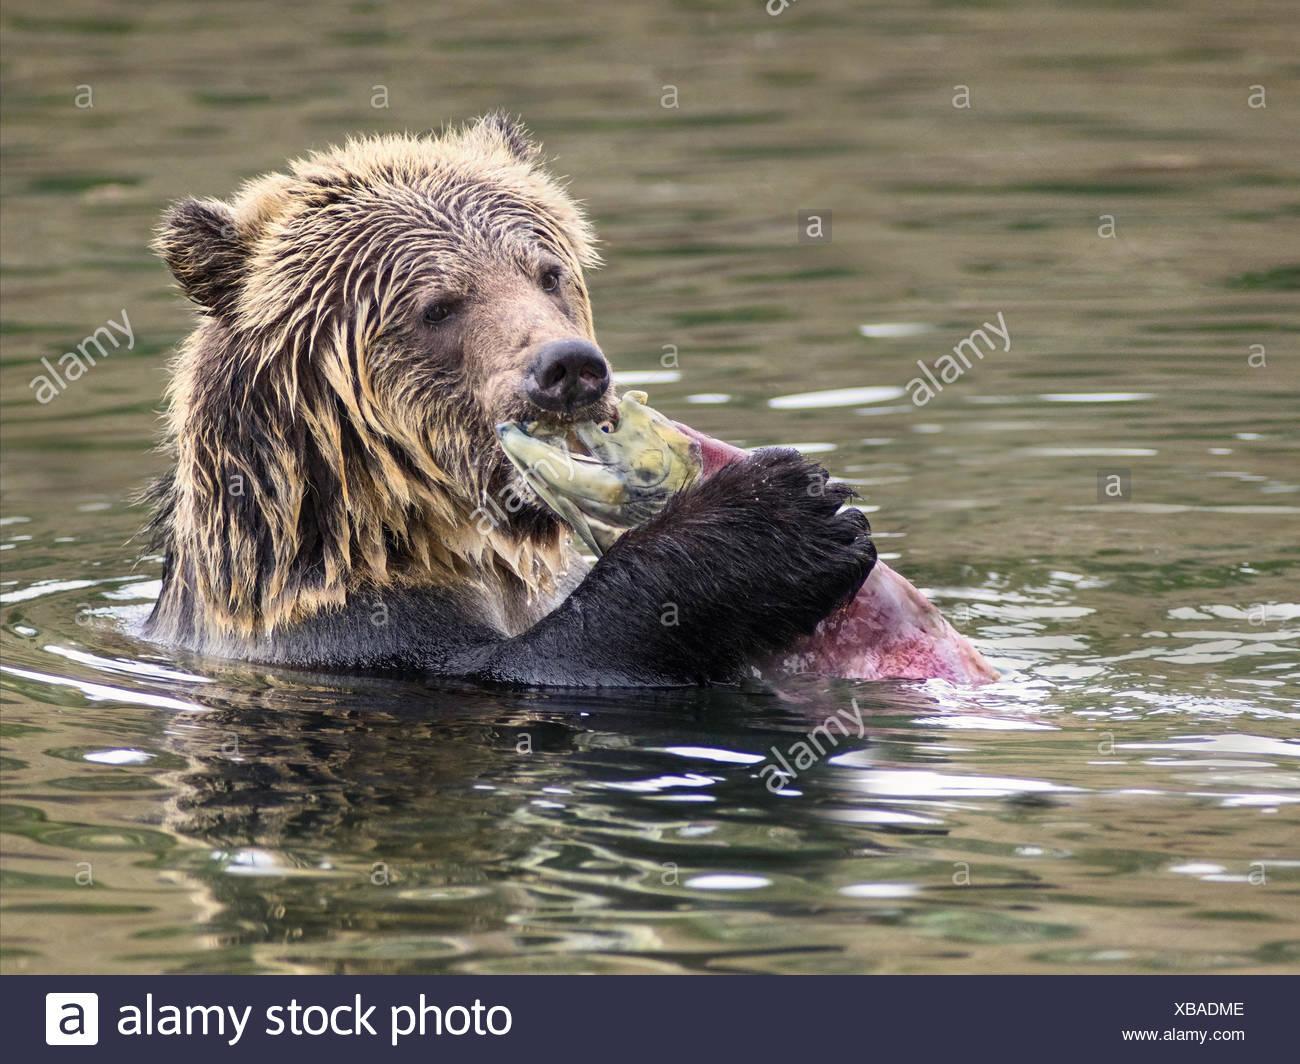 Oso grizzly (Ursus arctos horribilis), sub-adulto, en el agua del arroyo que alimenta el salmón sobre el salmón sockeye (Oncorhynchus nerka), central de British Columbia, Canadá Imagen De Stock